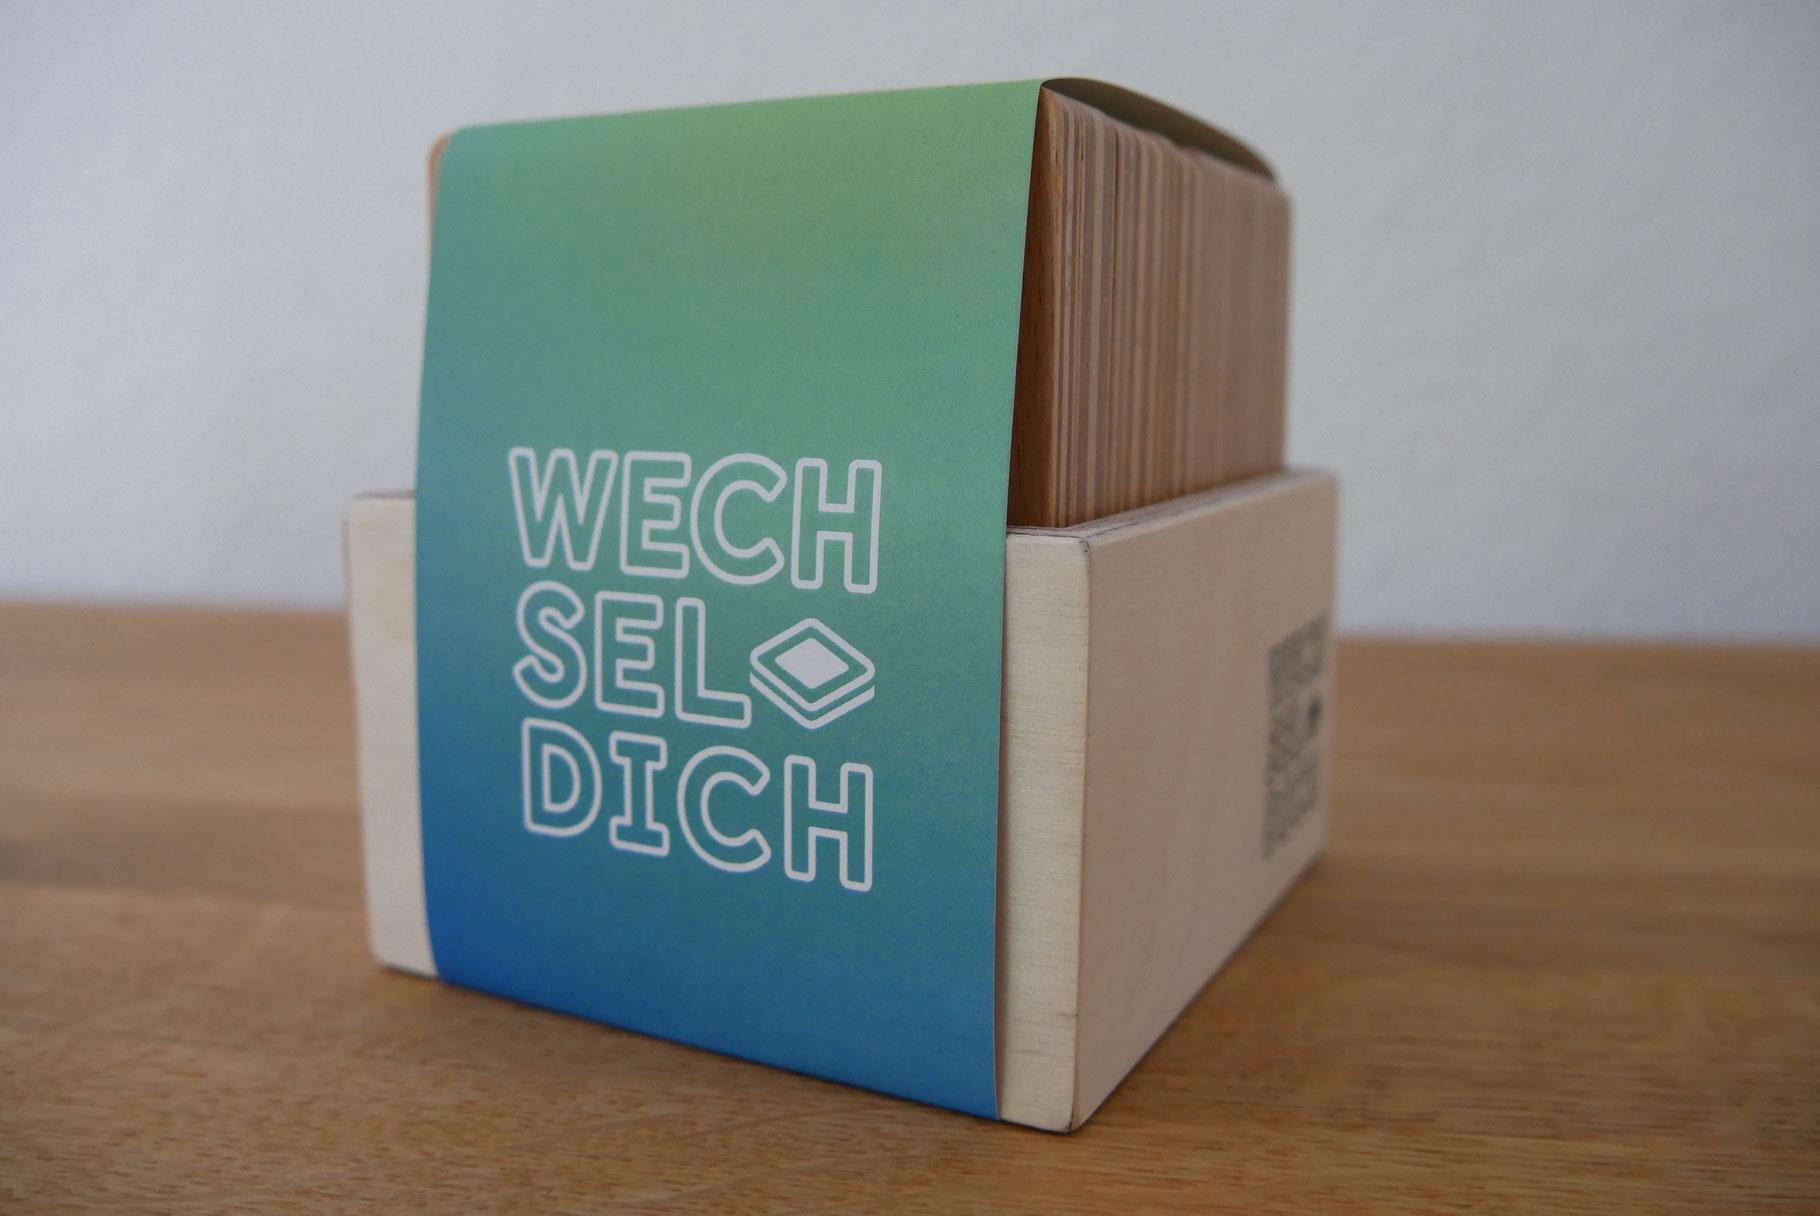 Ungewöhnlich Bilderrahmen Etsy Galerie - Bilderrahmen Ideen - szurop ...